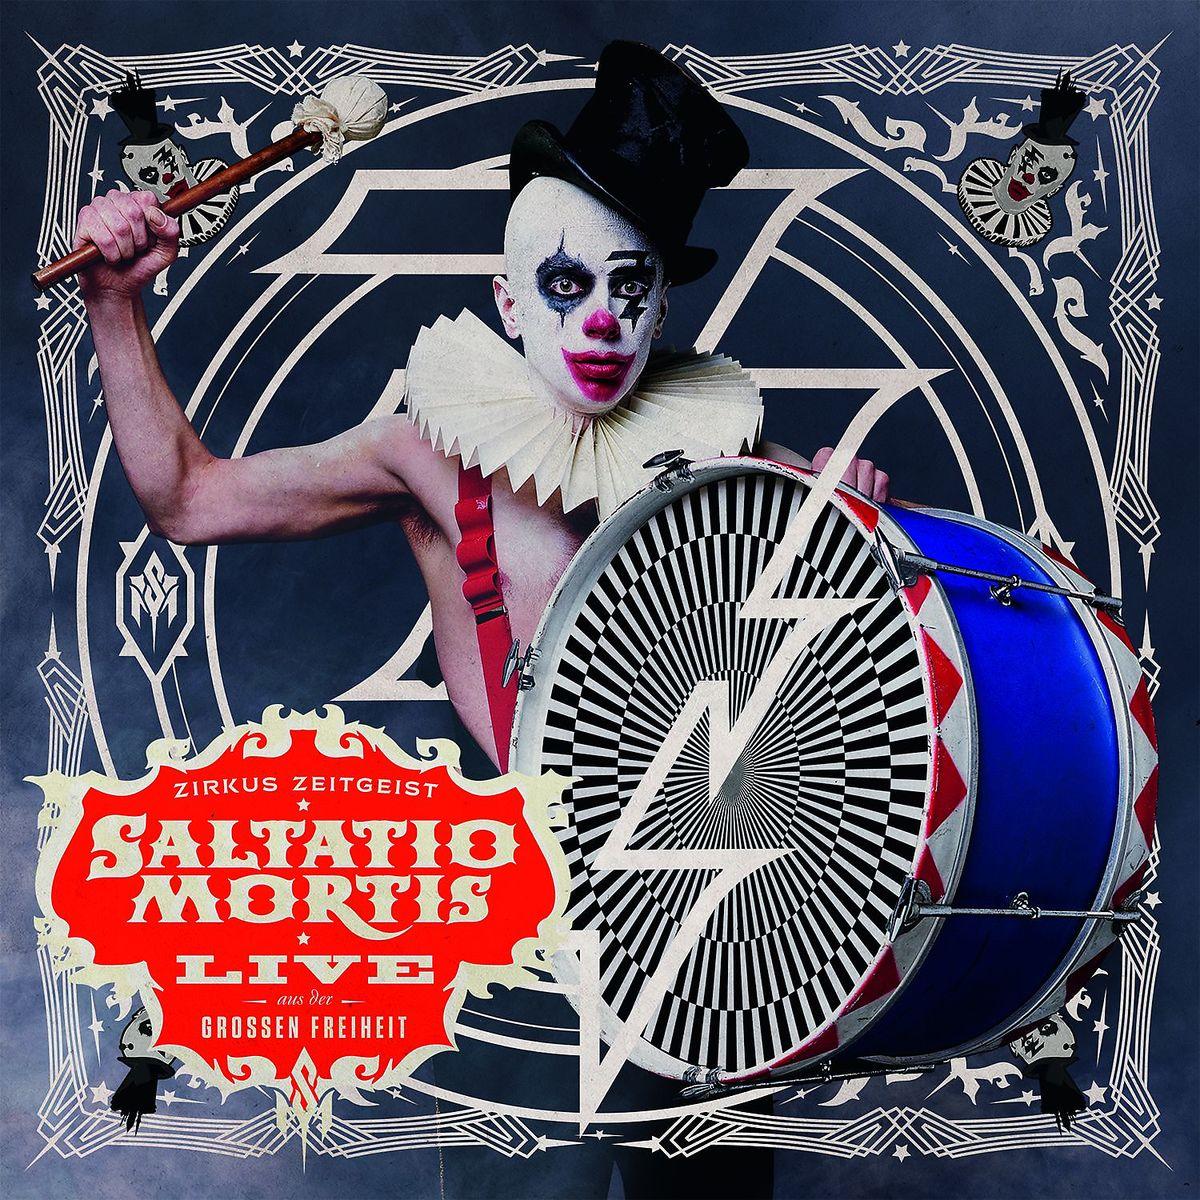 Zirkus Zeitgeist-Live Aus Der Großen Freiheit von Saltatio Mortis - CD jetzt im Saltatio Mortis Shop